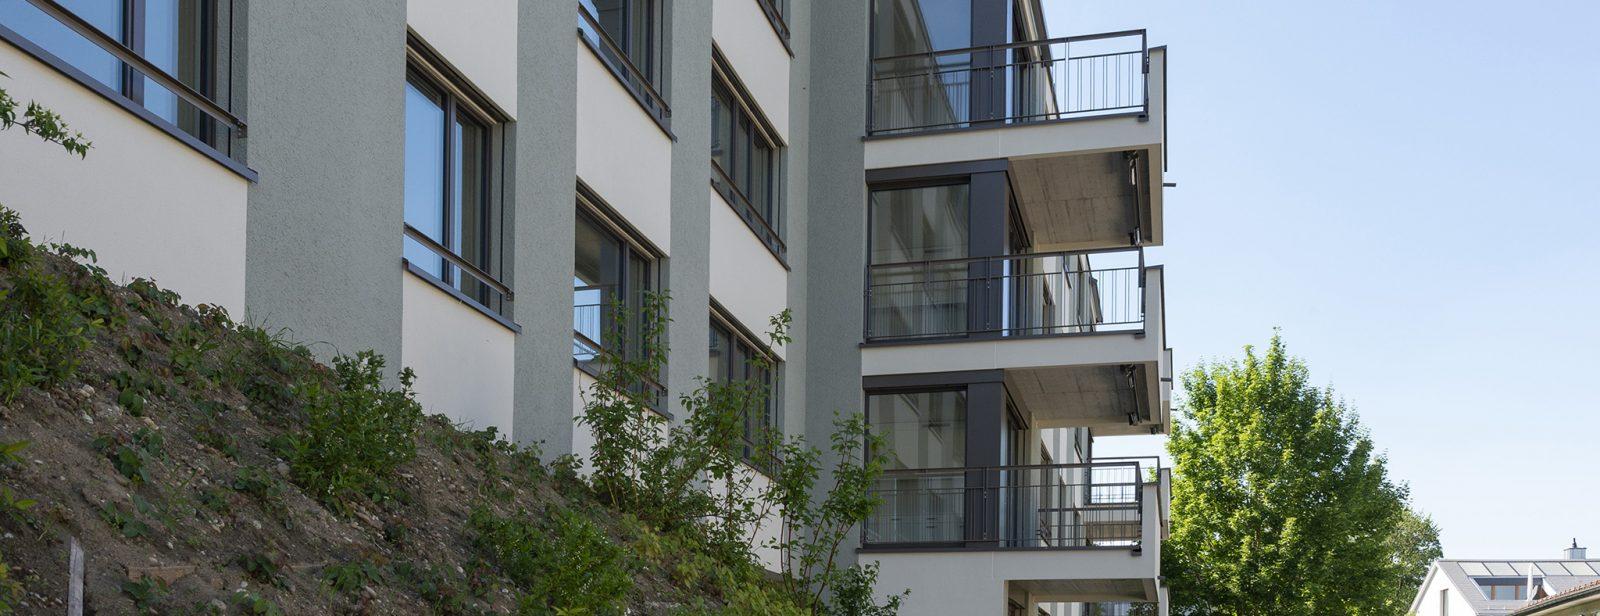 MFH Langgasse, Winterthur